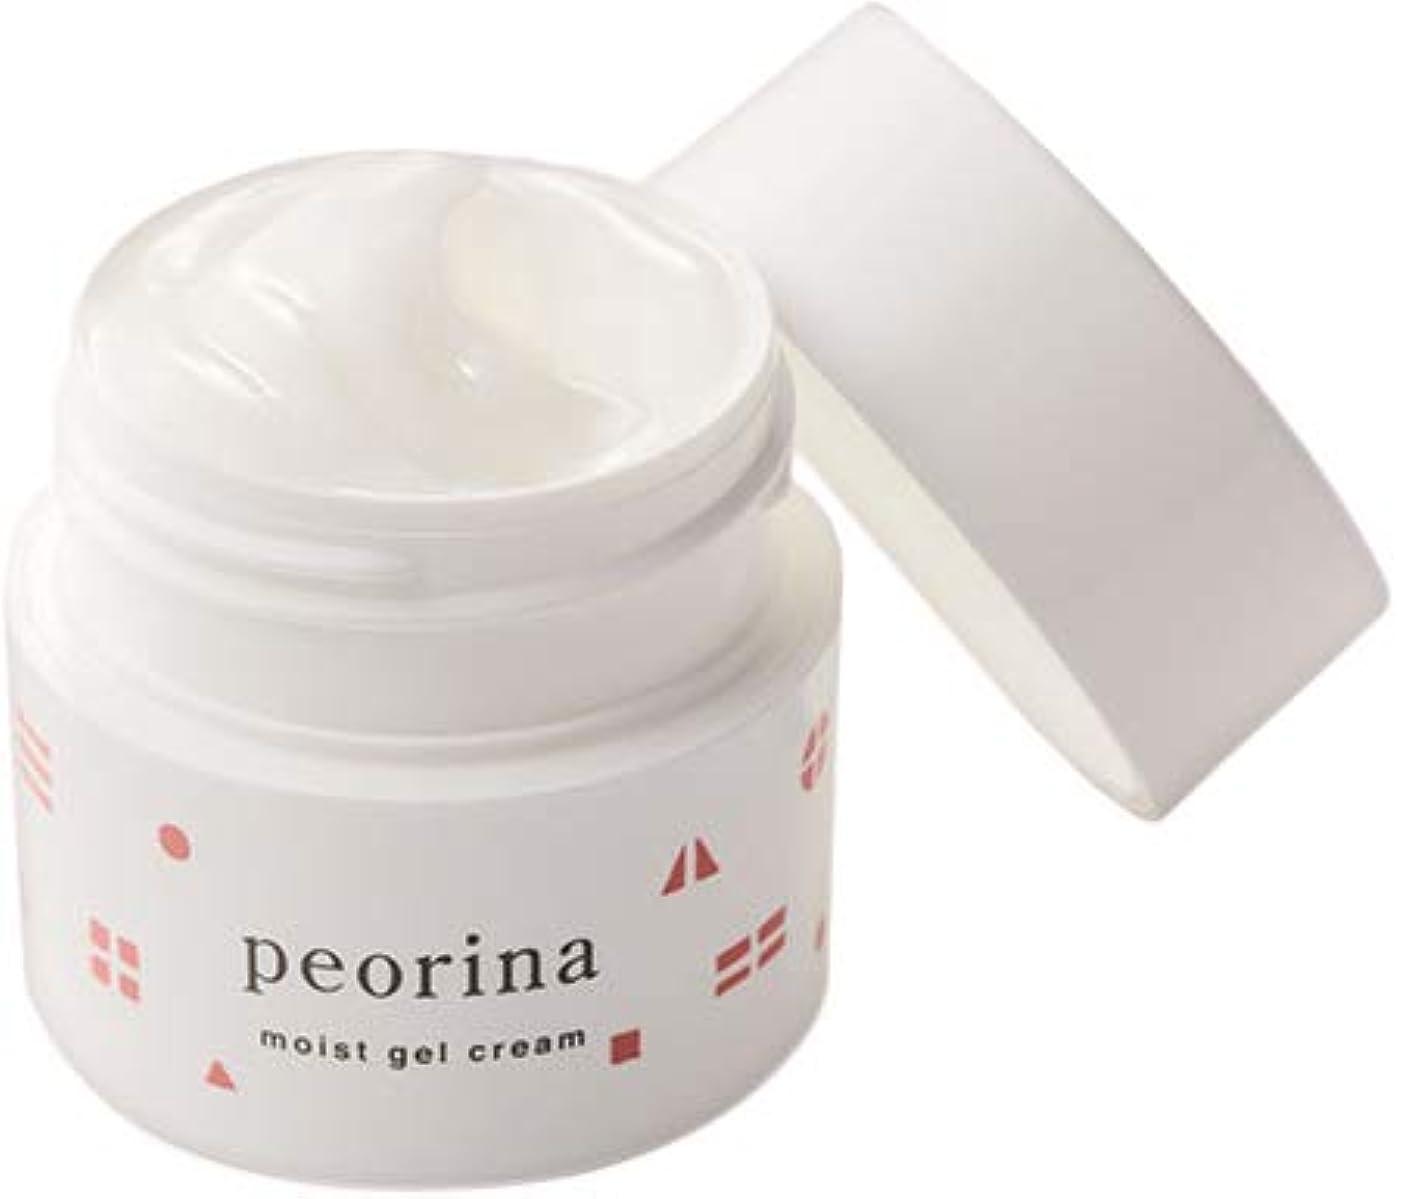 持つフェミニン硬いピオリナ モイストジェルクリーム 保湿 スキンケア ヒト型 セラミド 保水肌 美肌 次世代型 ビタミンC 誘導体